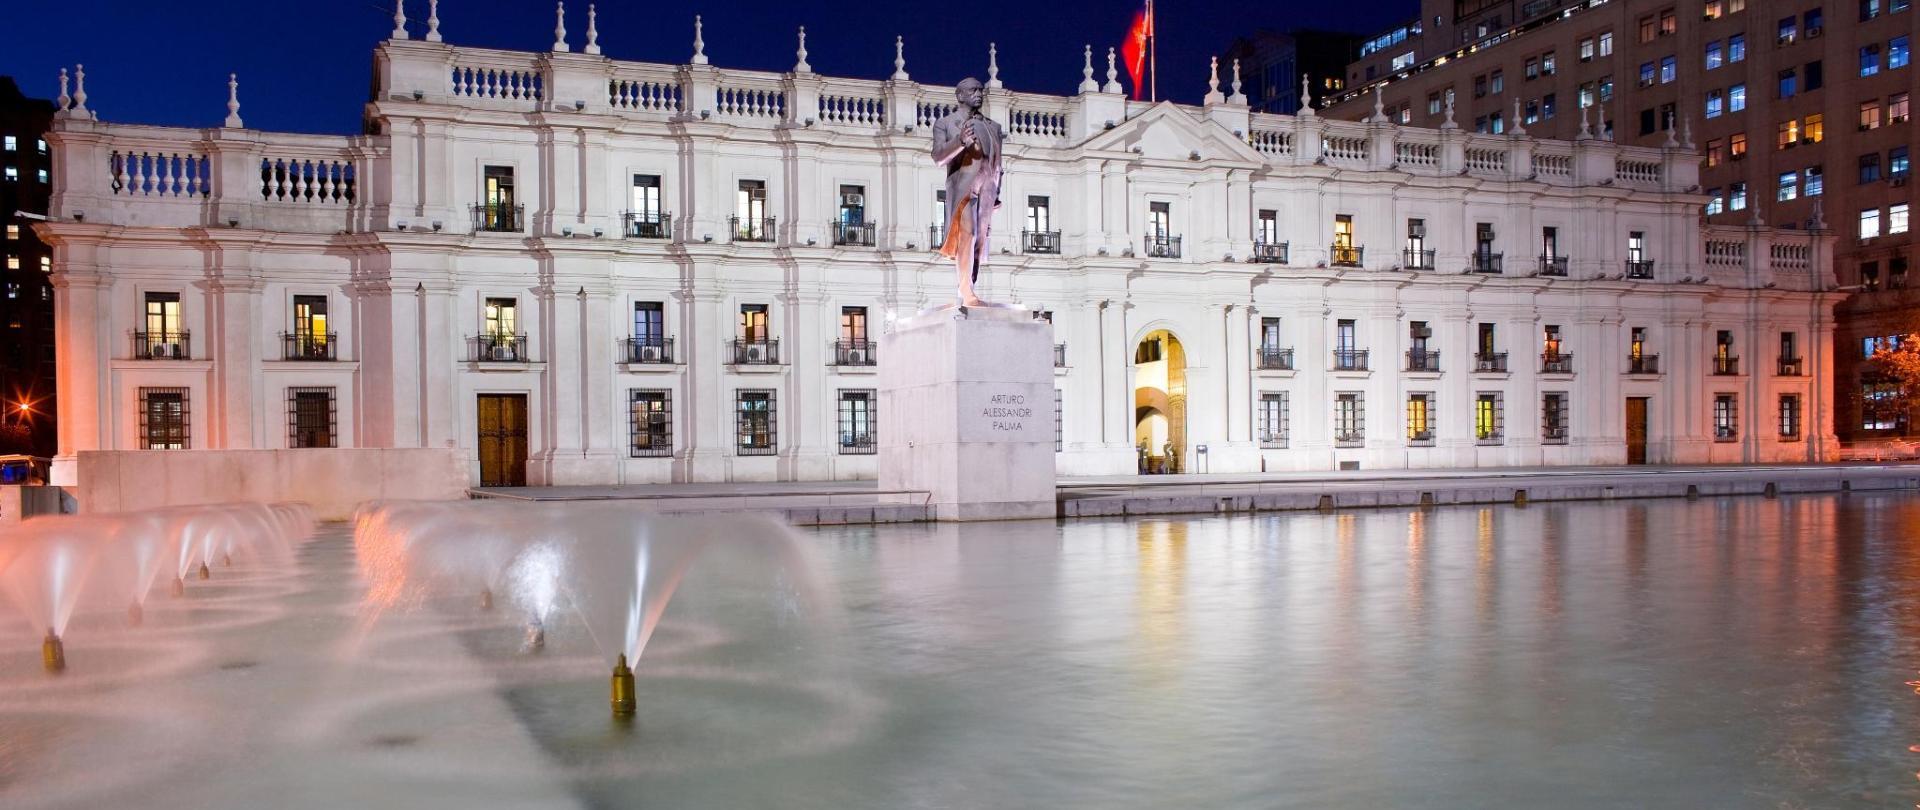 La Moneda.JPG